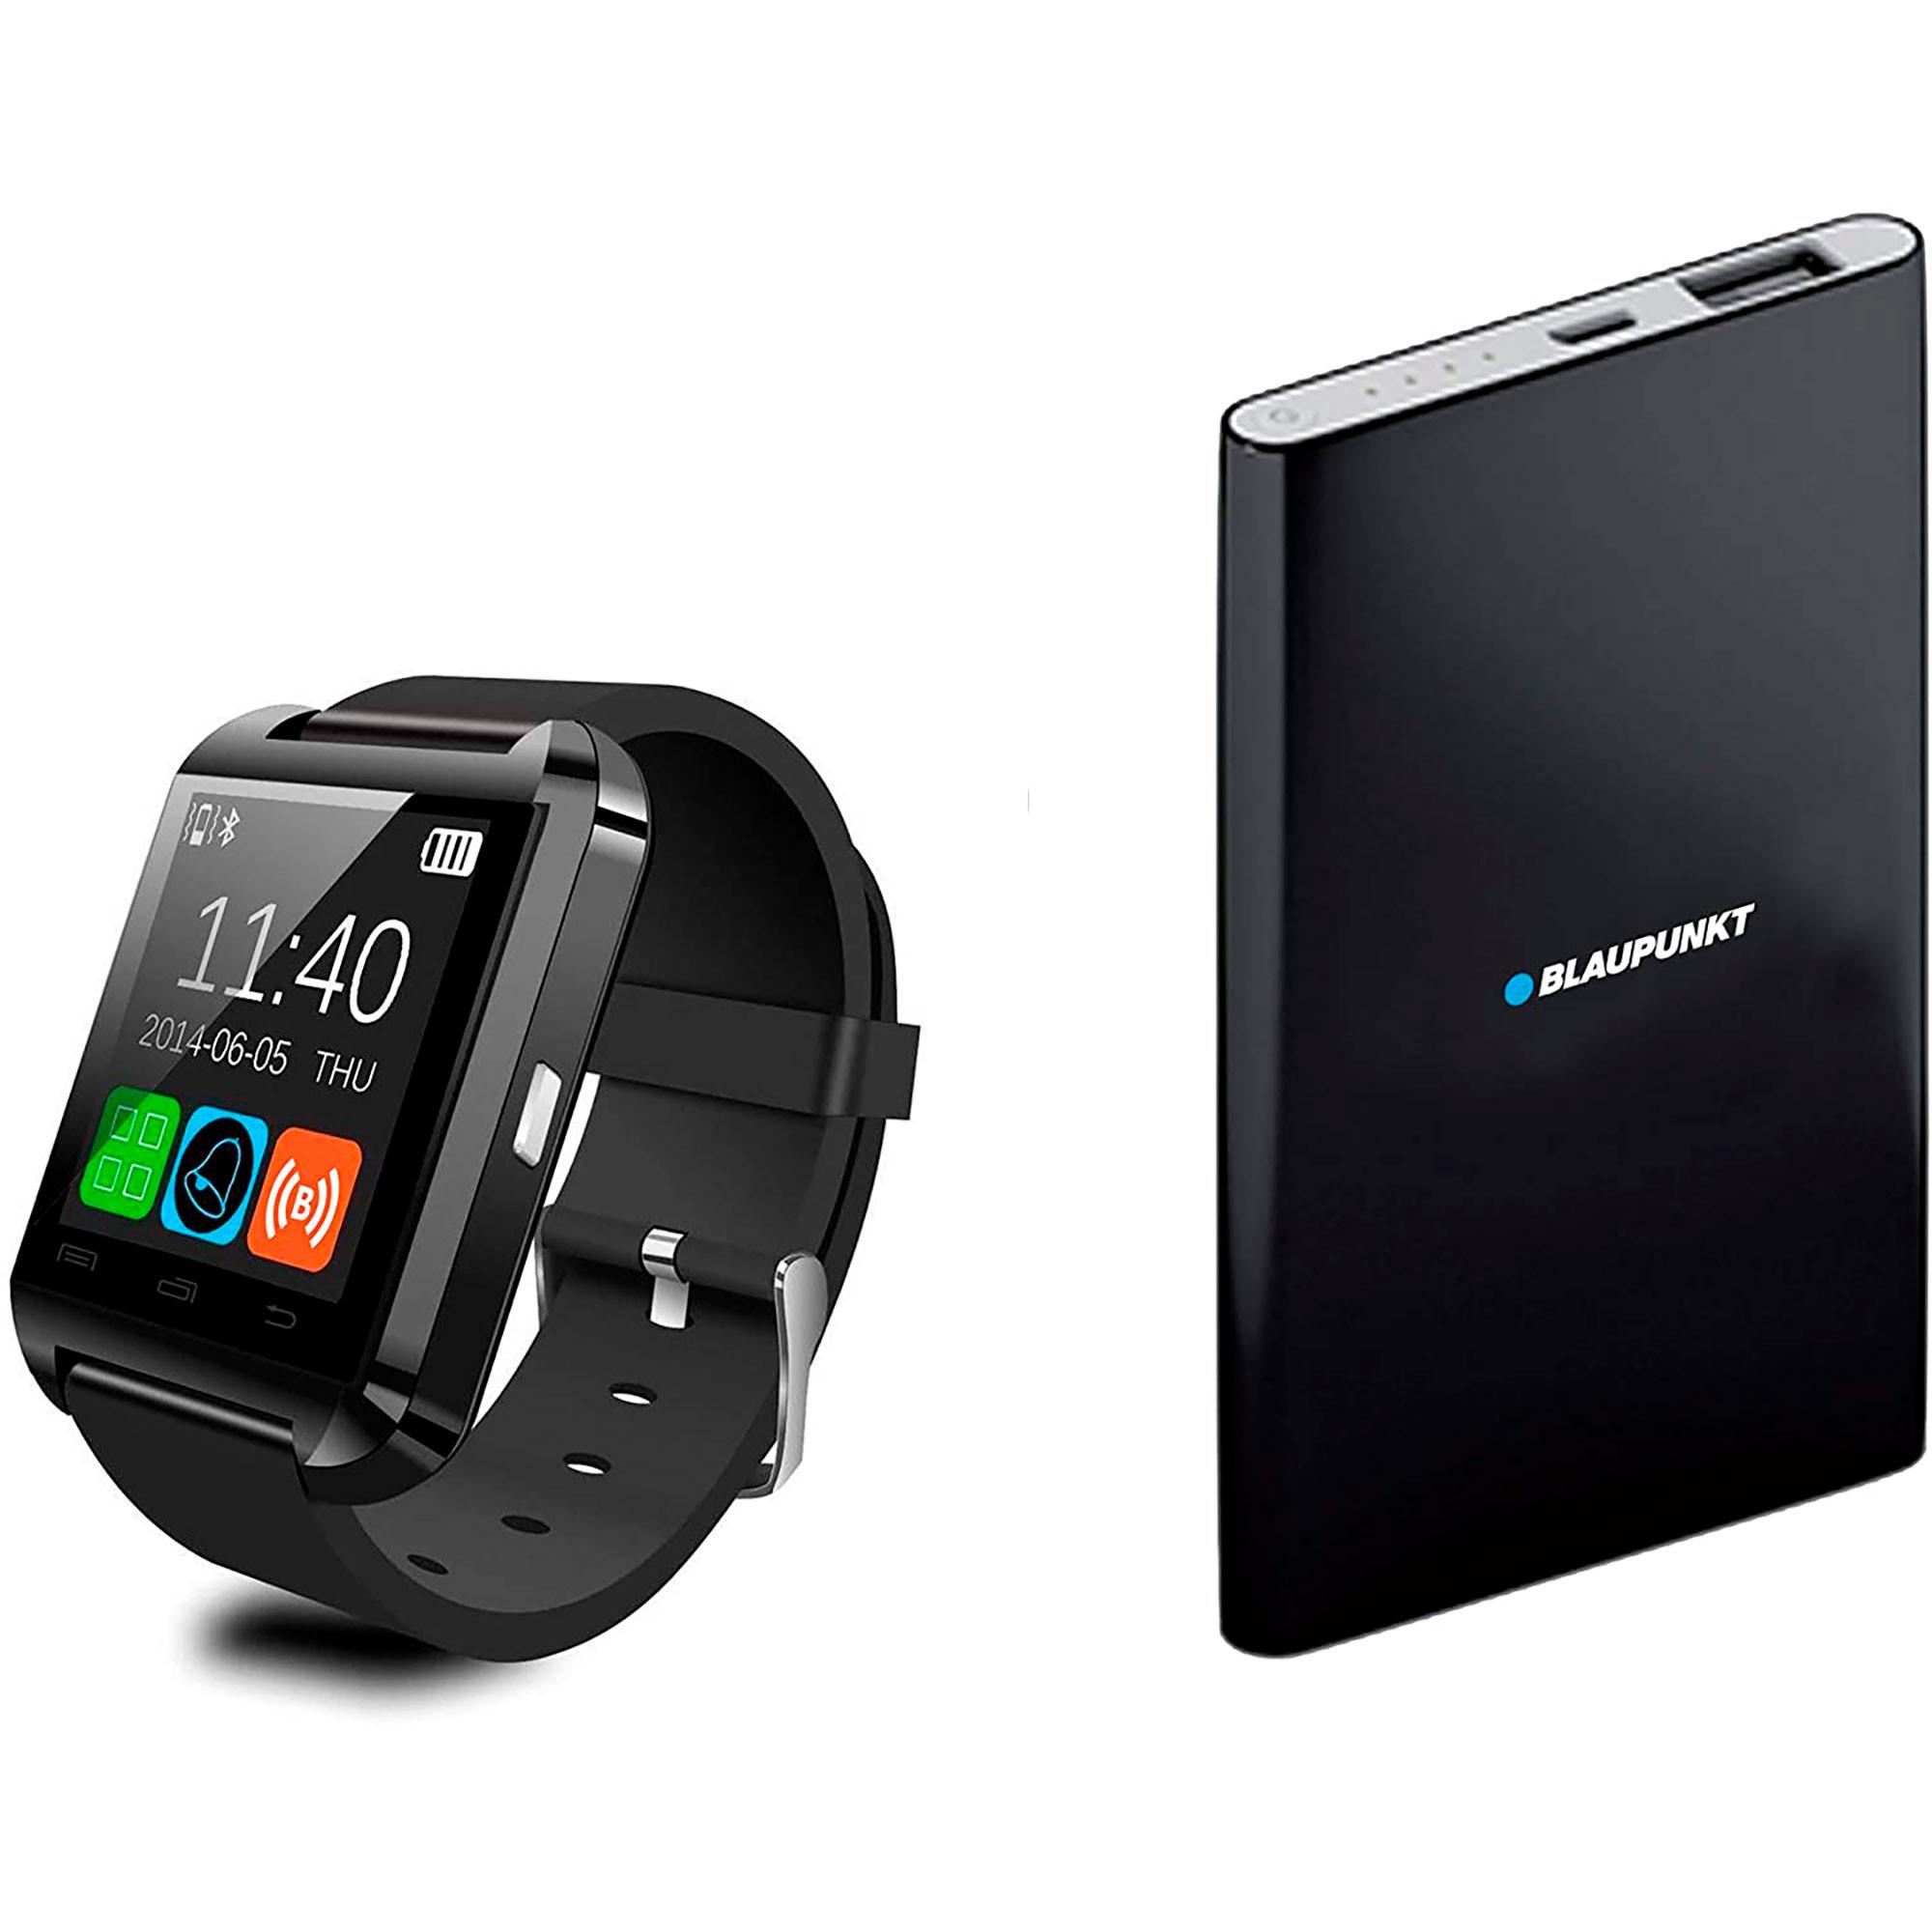 BLAUPUNKT BLP1800 Set Smartwatch + Batería Externa 4000 mAh, Monitor de Actividad, Sueño, Pulsómetro, Podómetro, Contador de Calorías, Power Bank, IOS y Android, Negro